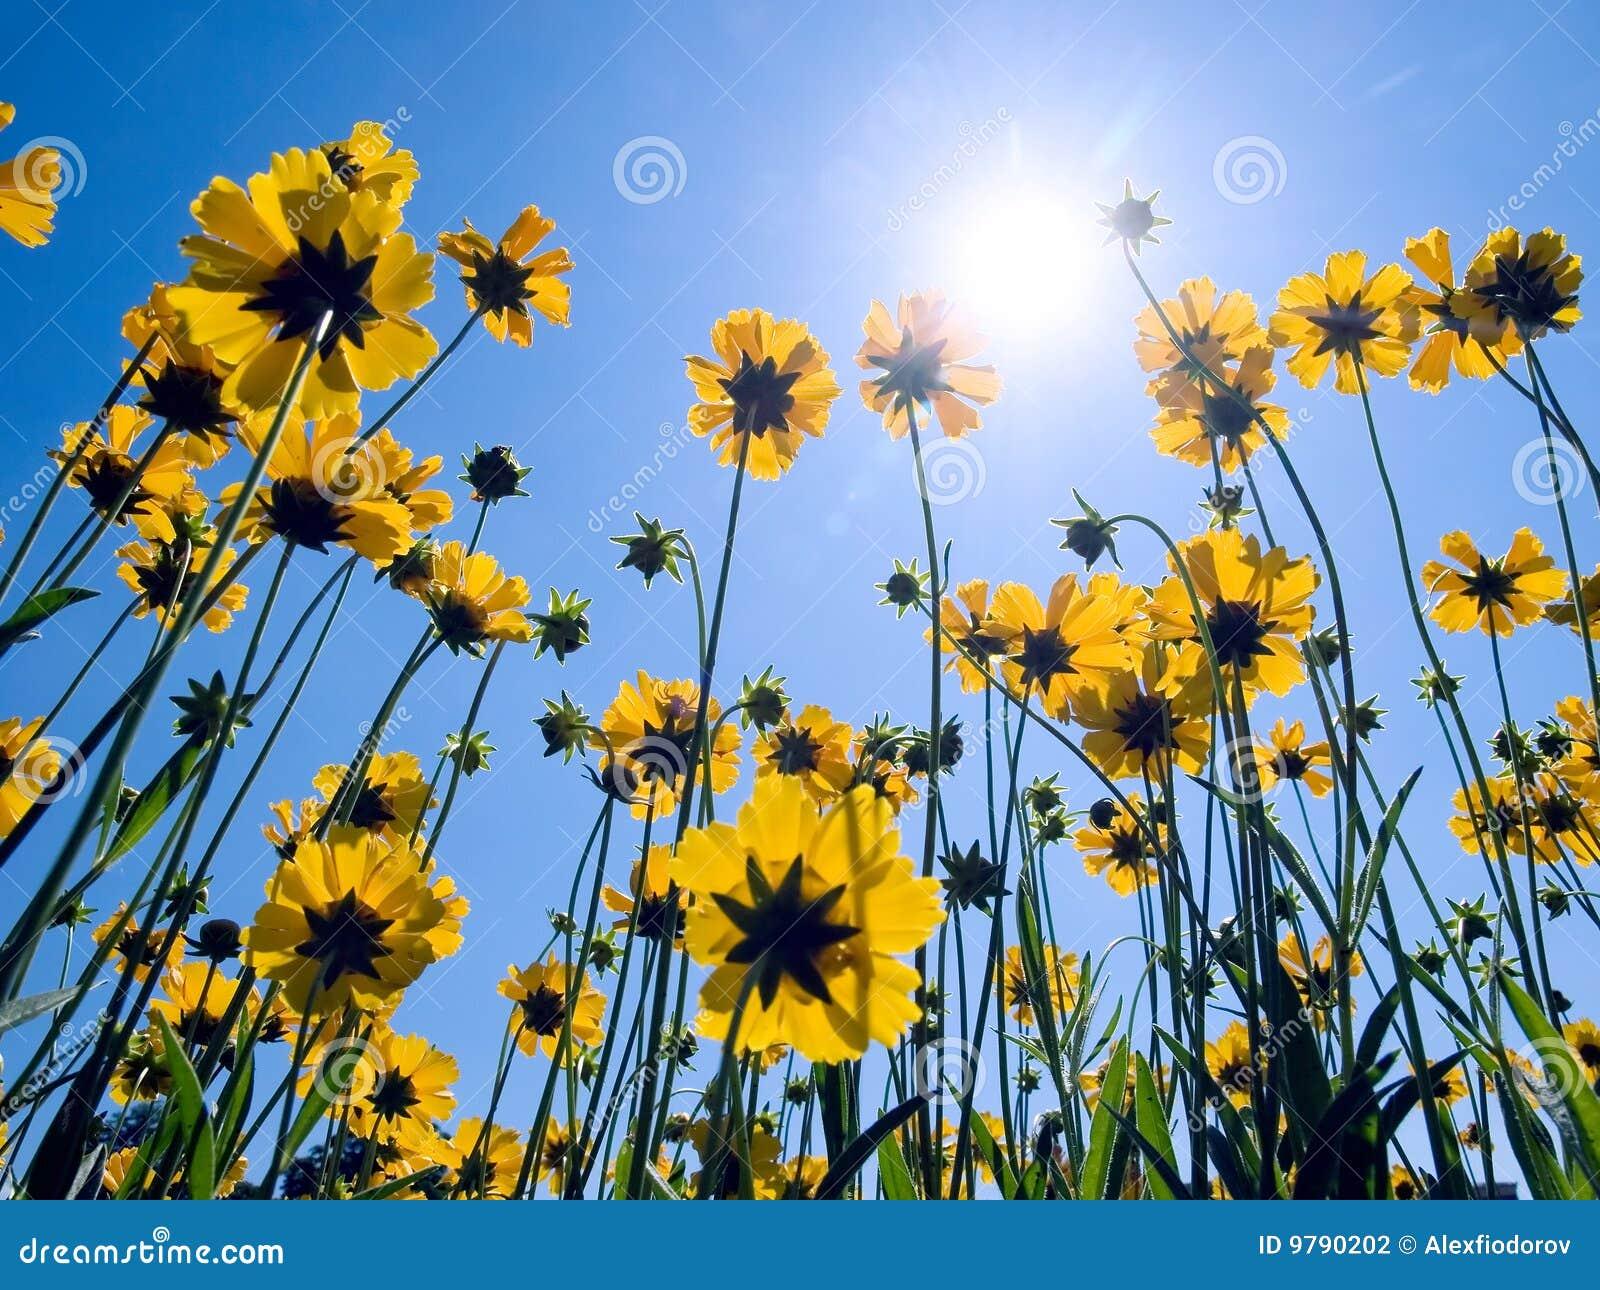 Fiori gialli sulla priorità bassa del cielo blu.